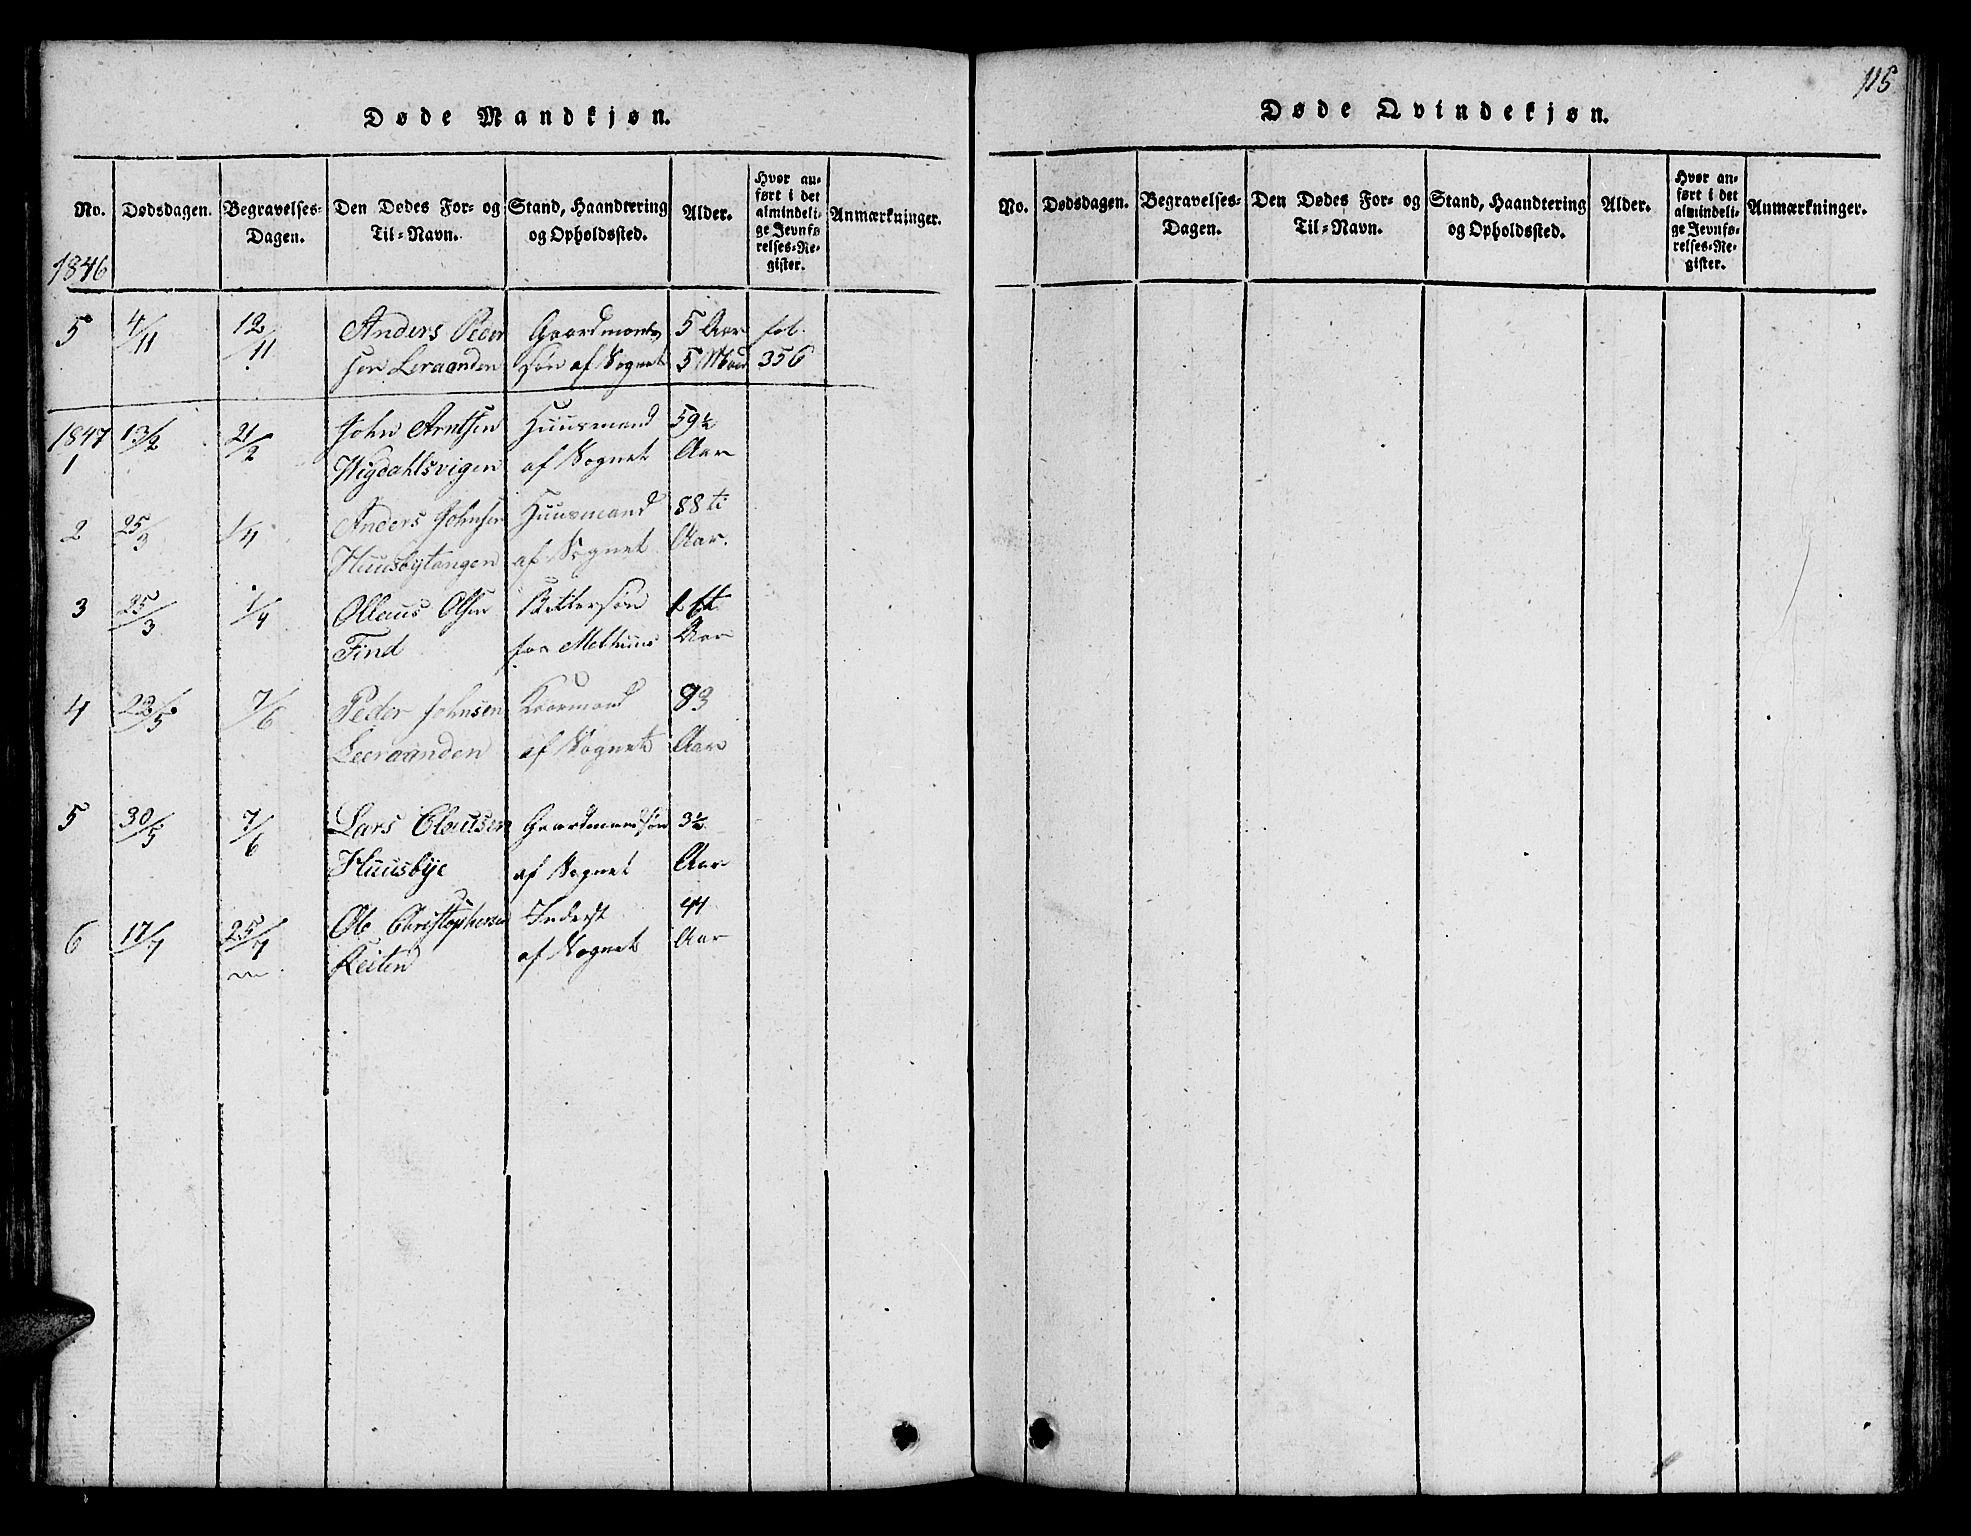 SAT, Ministerialprotokoller, klokkerbøker og fødselsregistre - Sør-Trøndelag, 666/L0788: Klokkerbok nr. 666C01, 1816-1847, s. 115